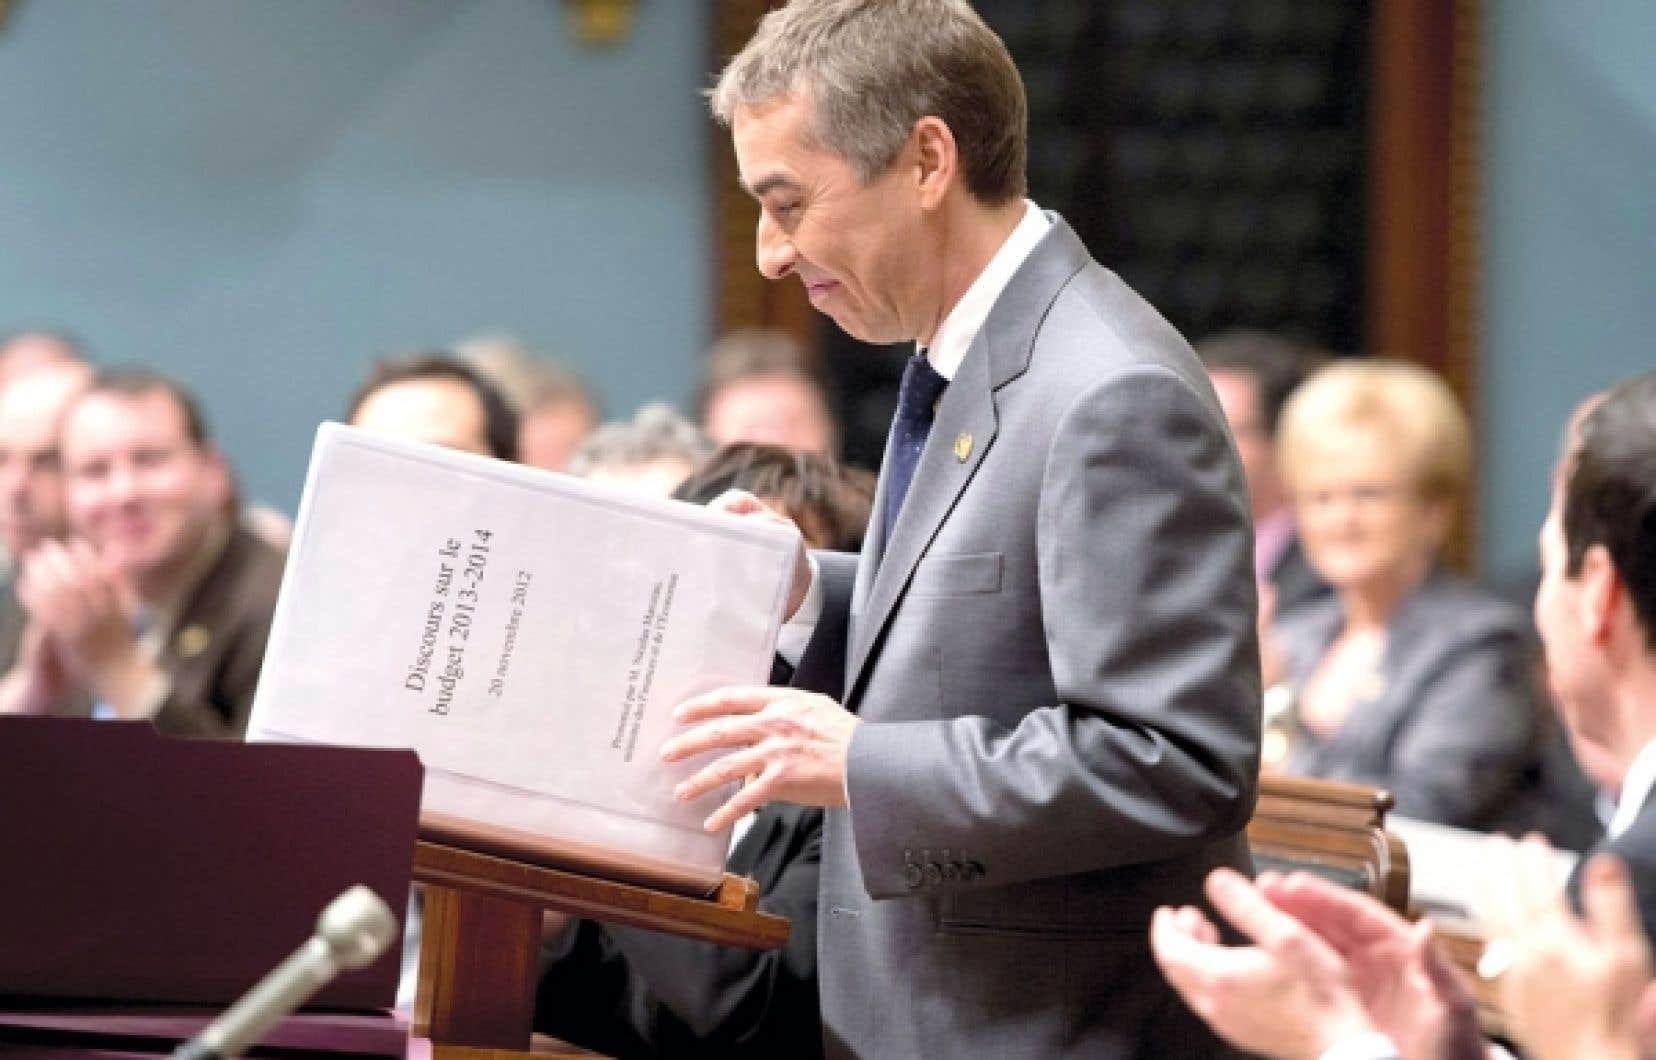 Le budget présenté mardi par le ministre des Finances, Nicolas Marceau, fera en sorte que le gouvernement Marois fera diminuer le poids de la dette du Québec par rapport à son PIB plus rapidement que ne l'avaient planifié les libéraux.